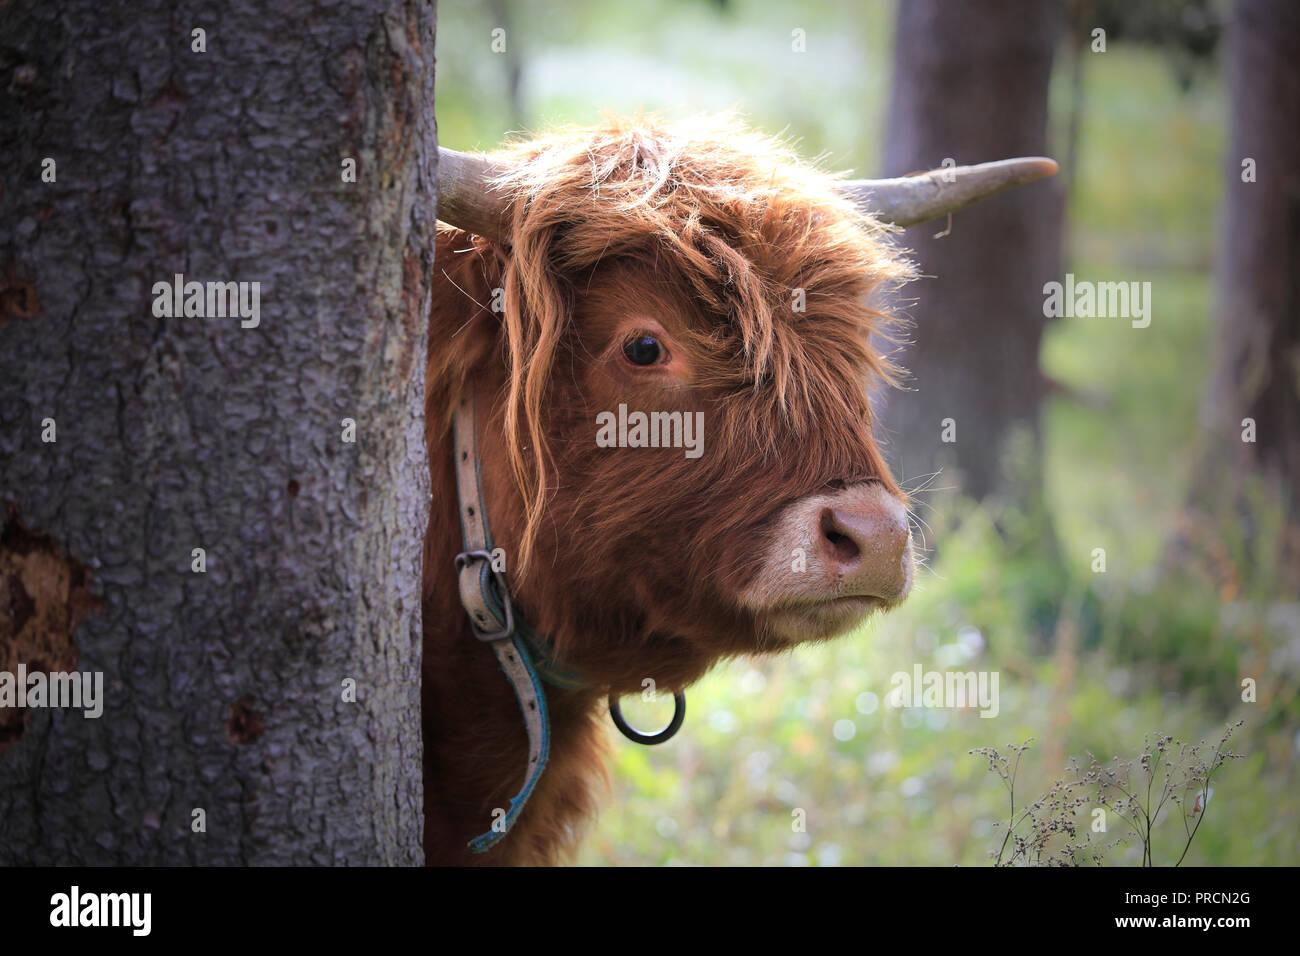 Jeune, timide et curieux Highland taureau se profile derrière un arbre. Photo Stock